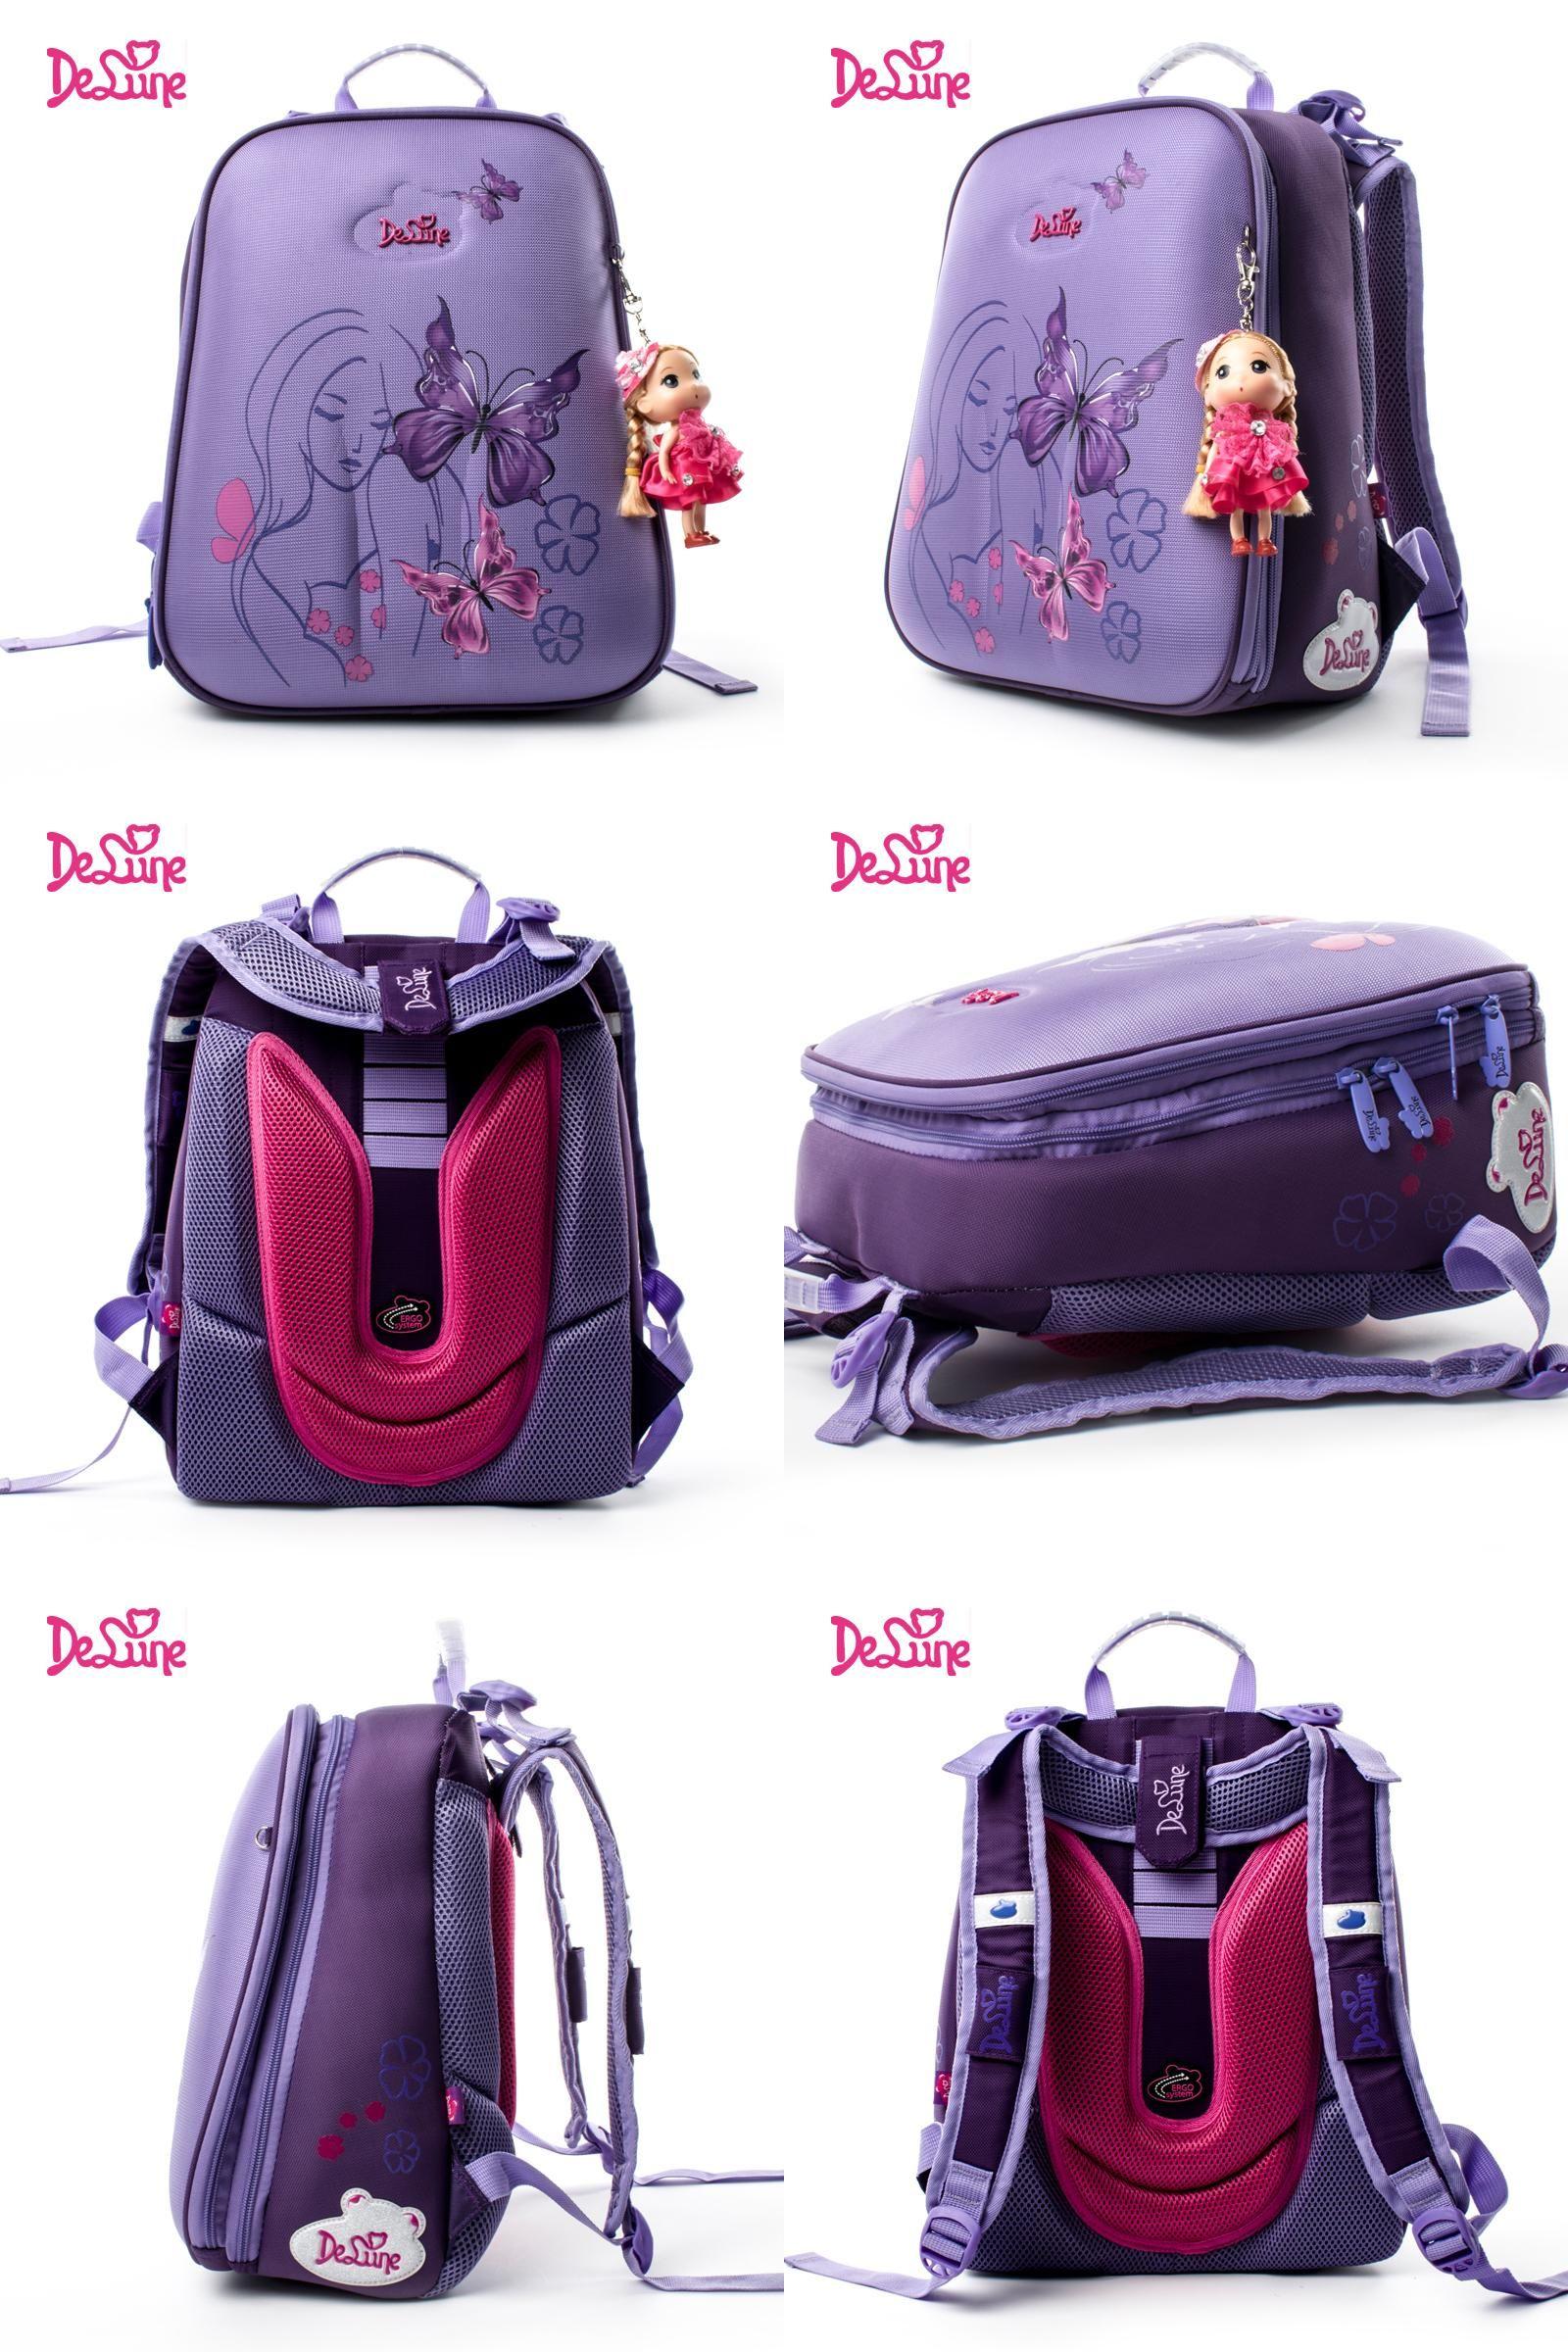 Delune Boys Schoolbag Backpack Rucksack High Quality Shoulder Bag Satchel Bag